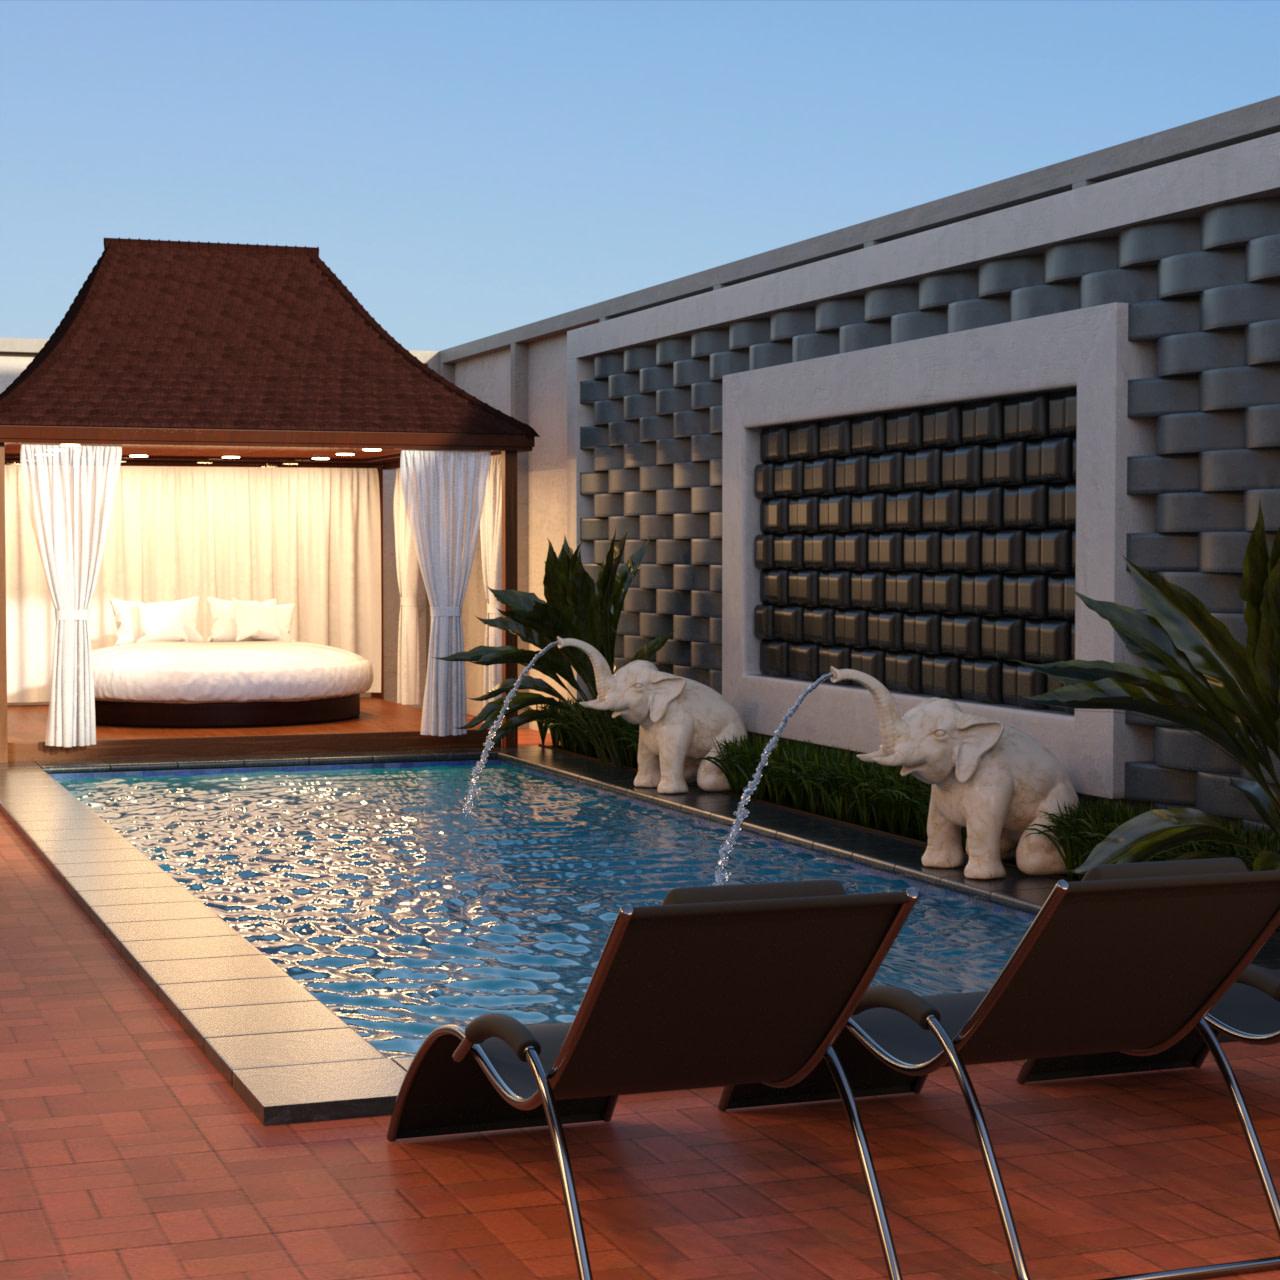 Pool Villa 3d Model